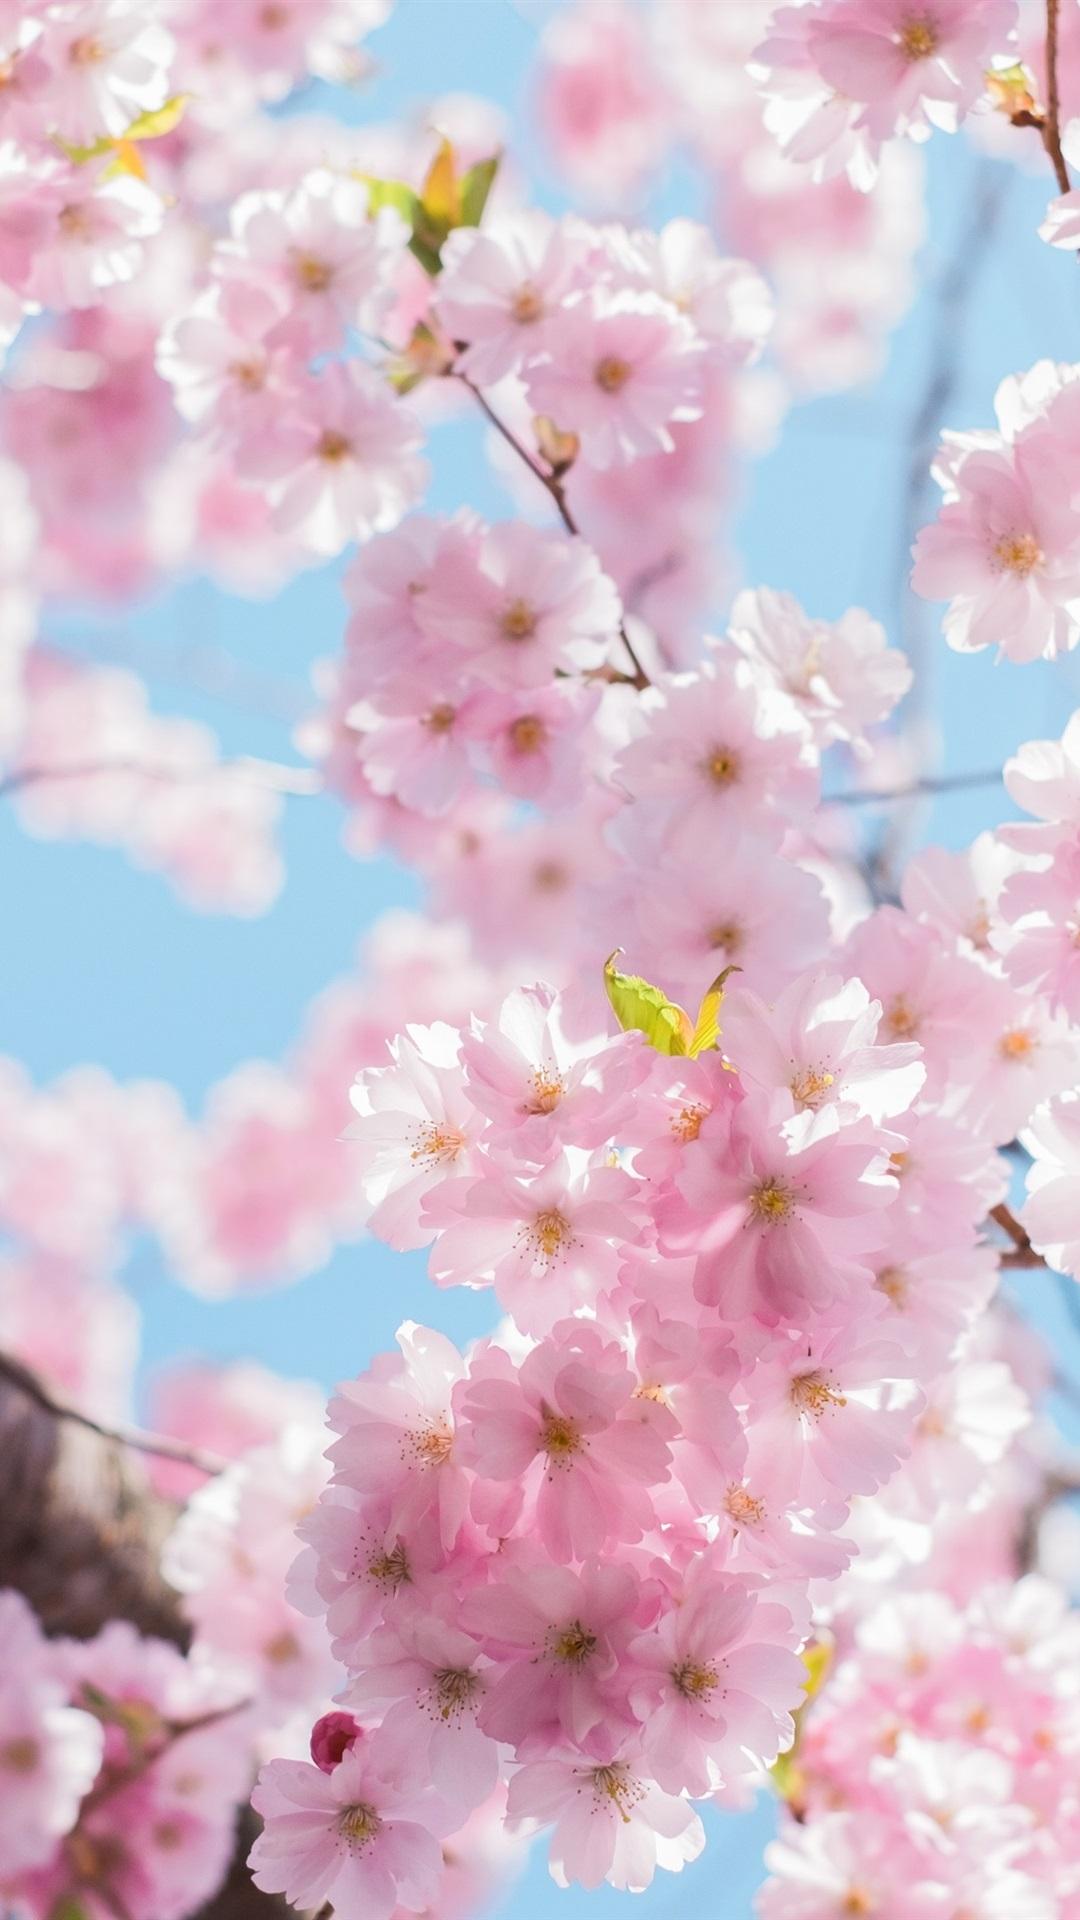 桜の花の花 木 小枝 春 1080x1920 Iphone 8 7 6 6s Plus 壁紙 背景